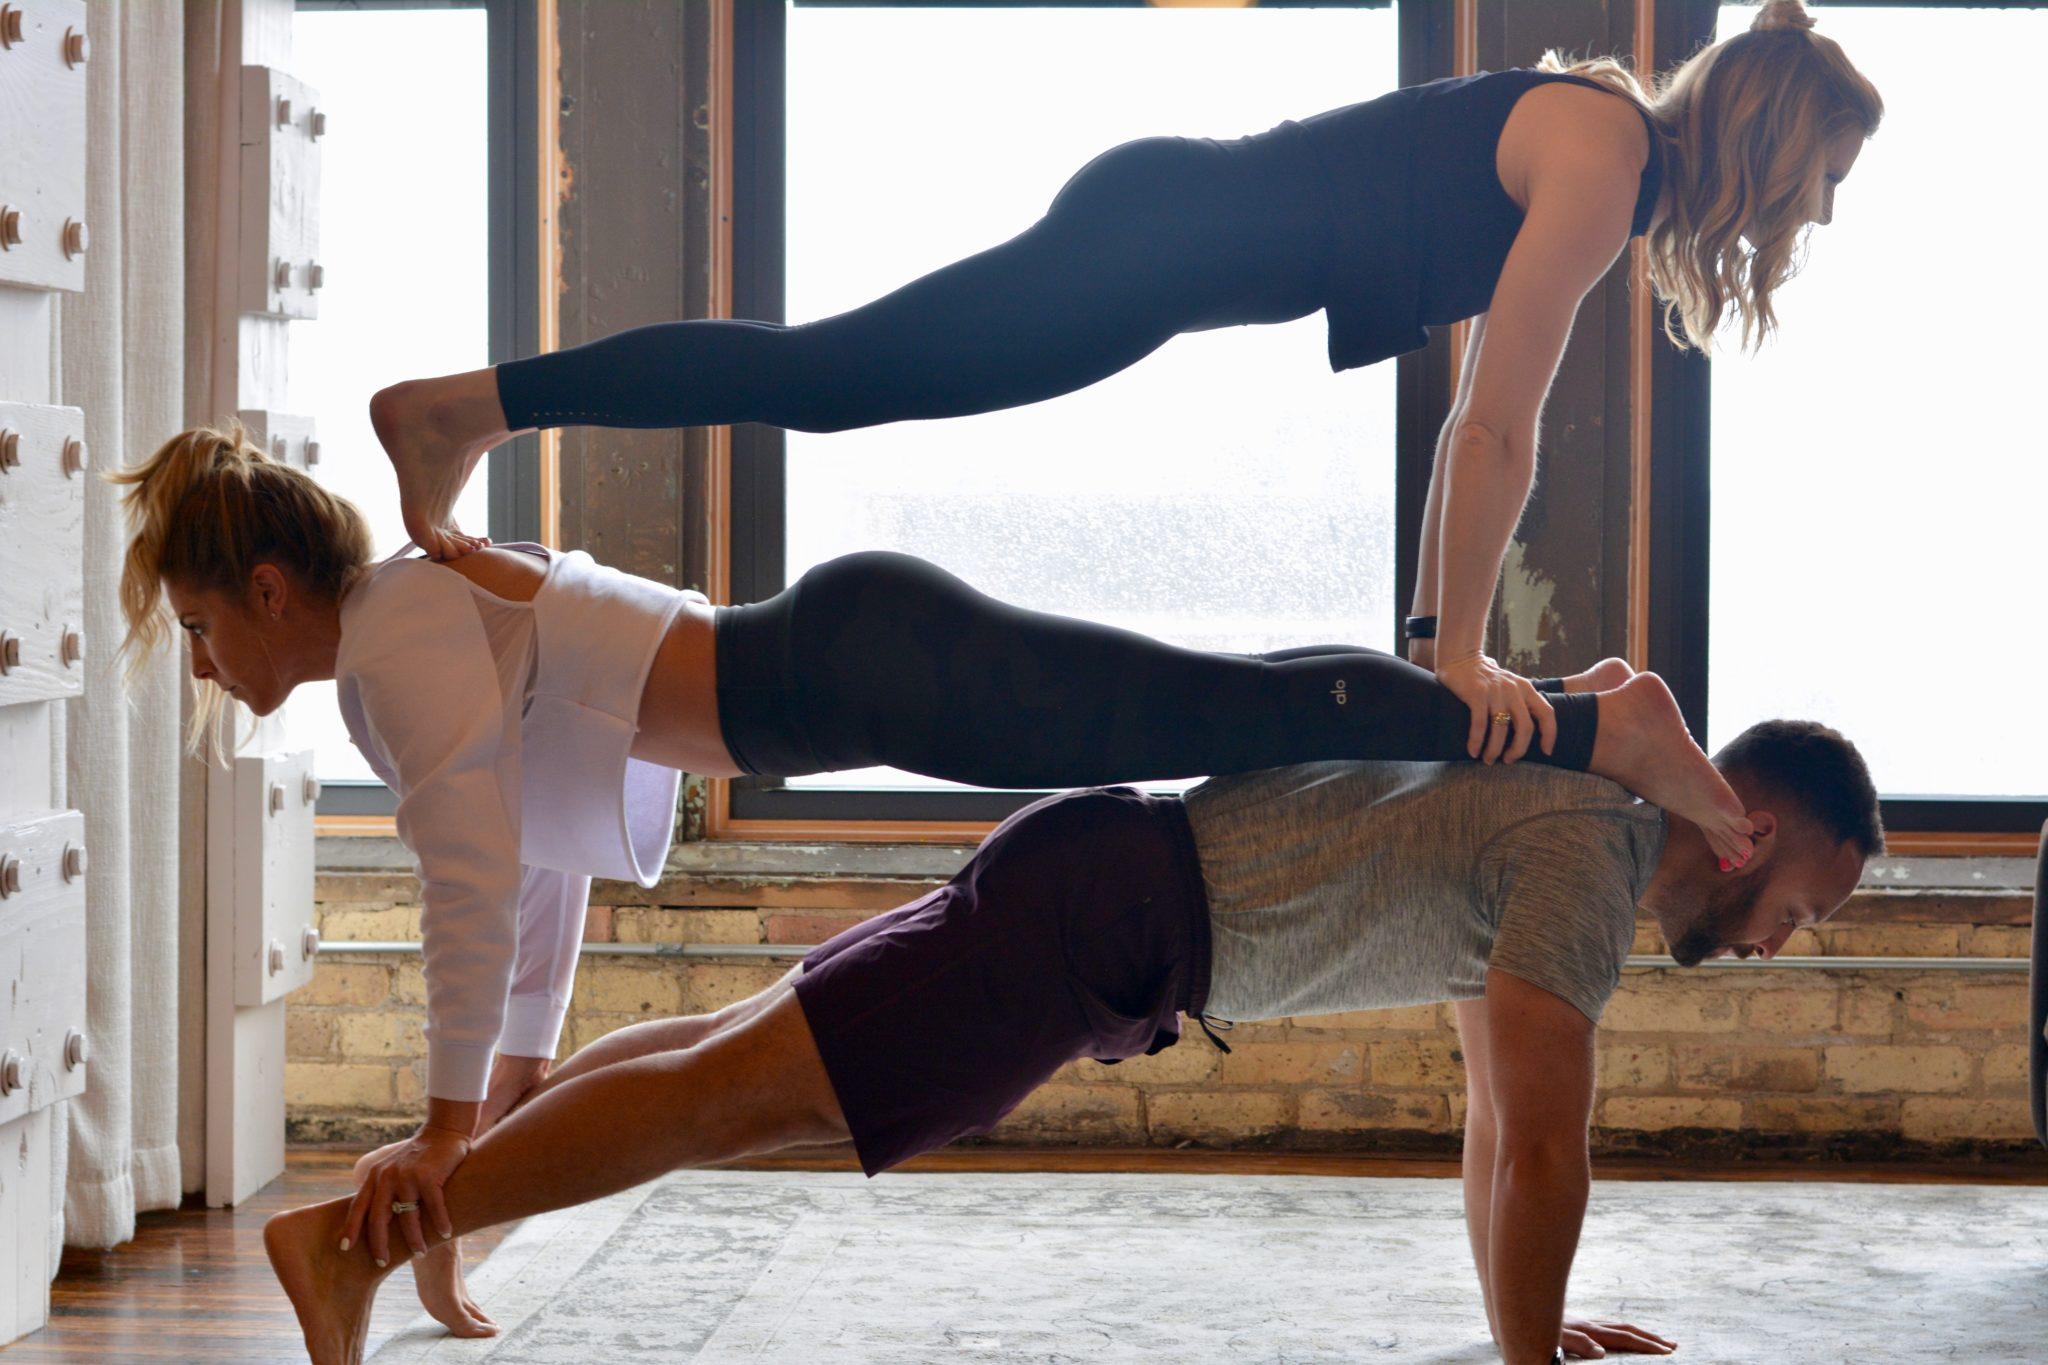 fitness disruptors quick hits